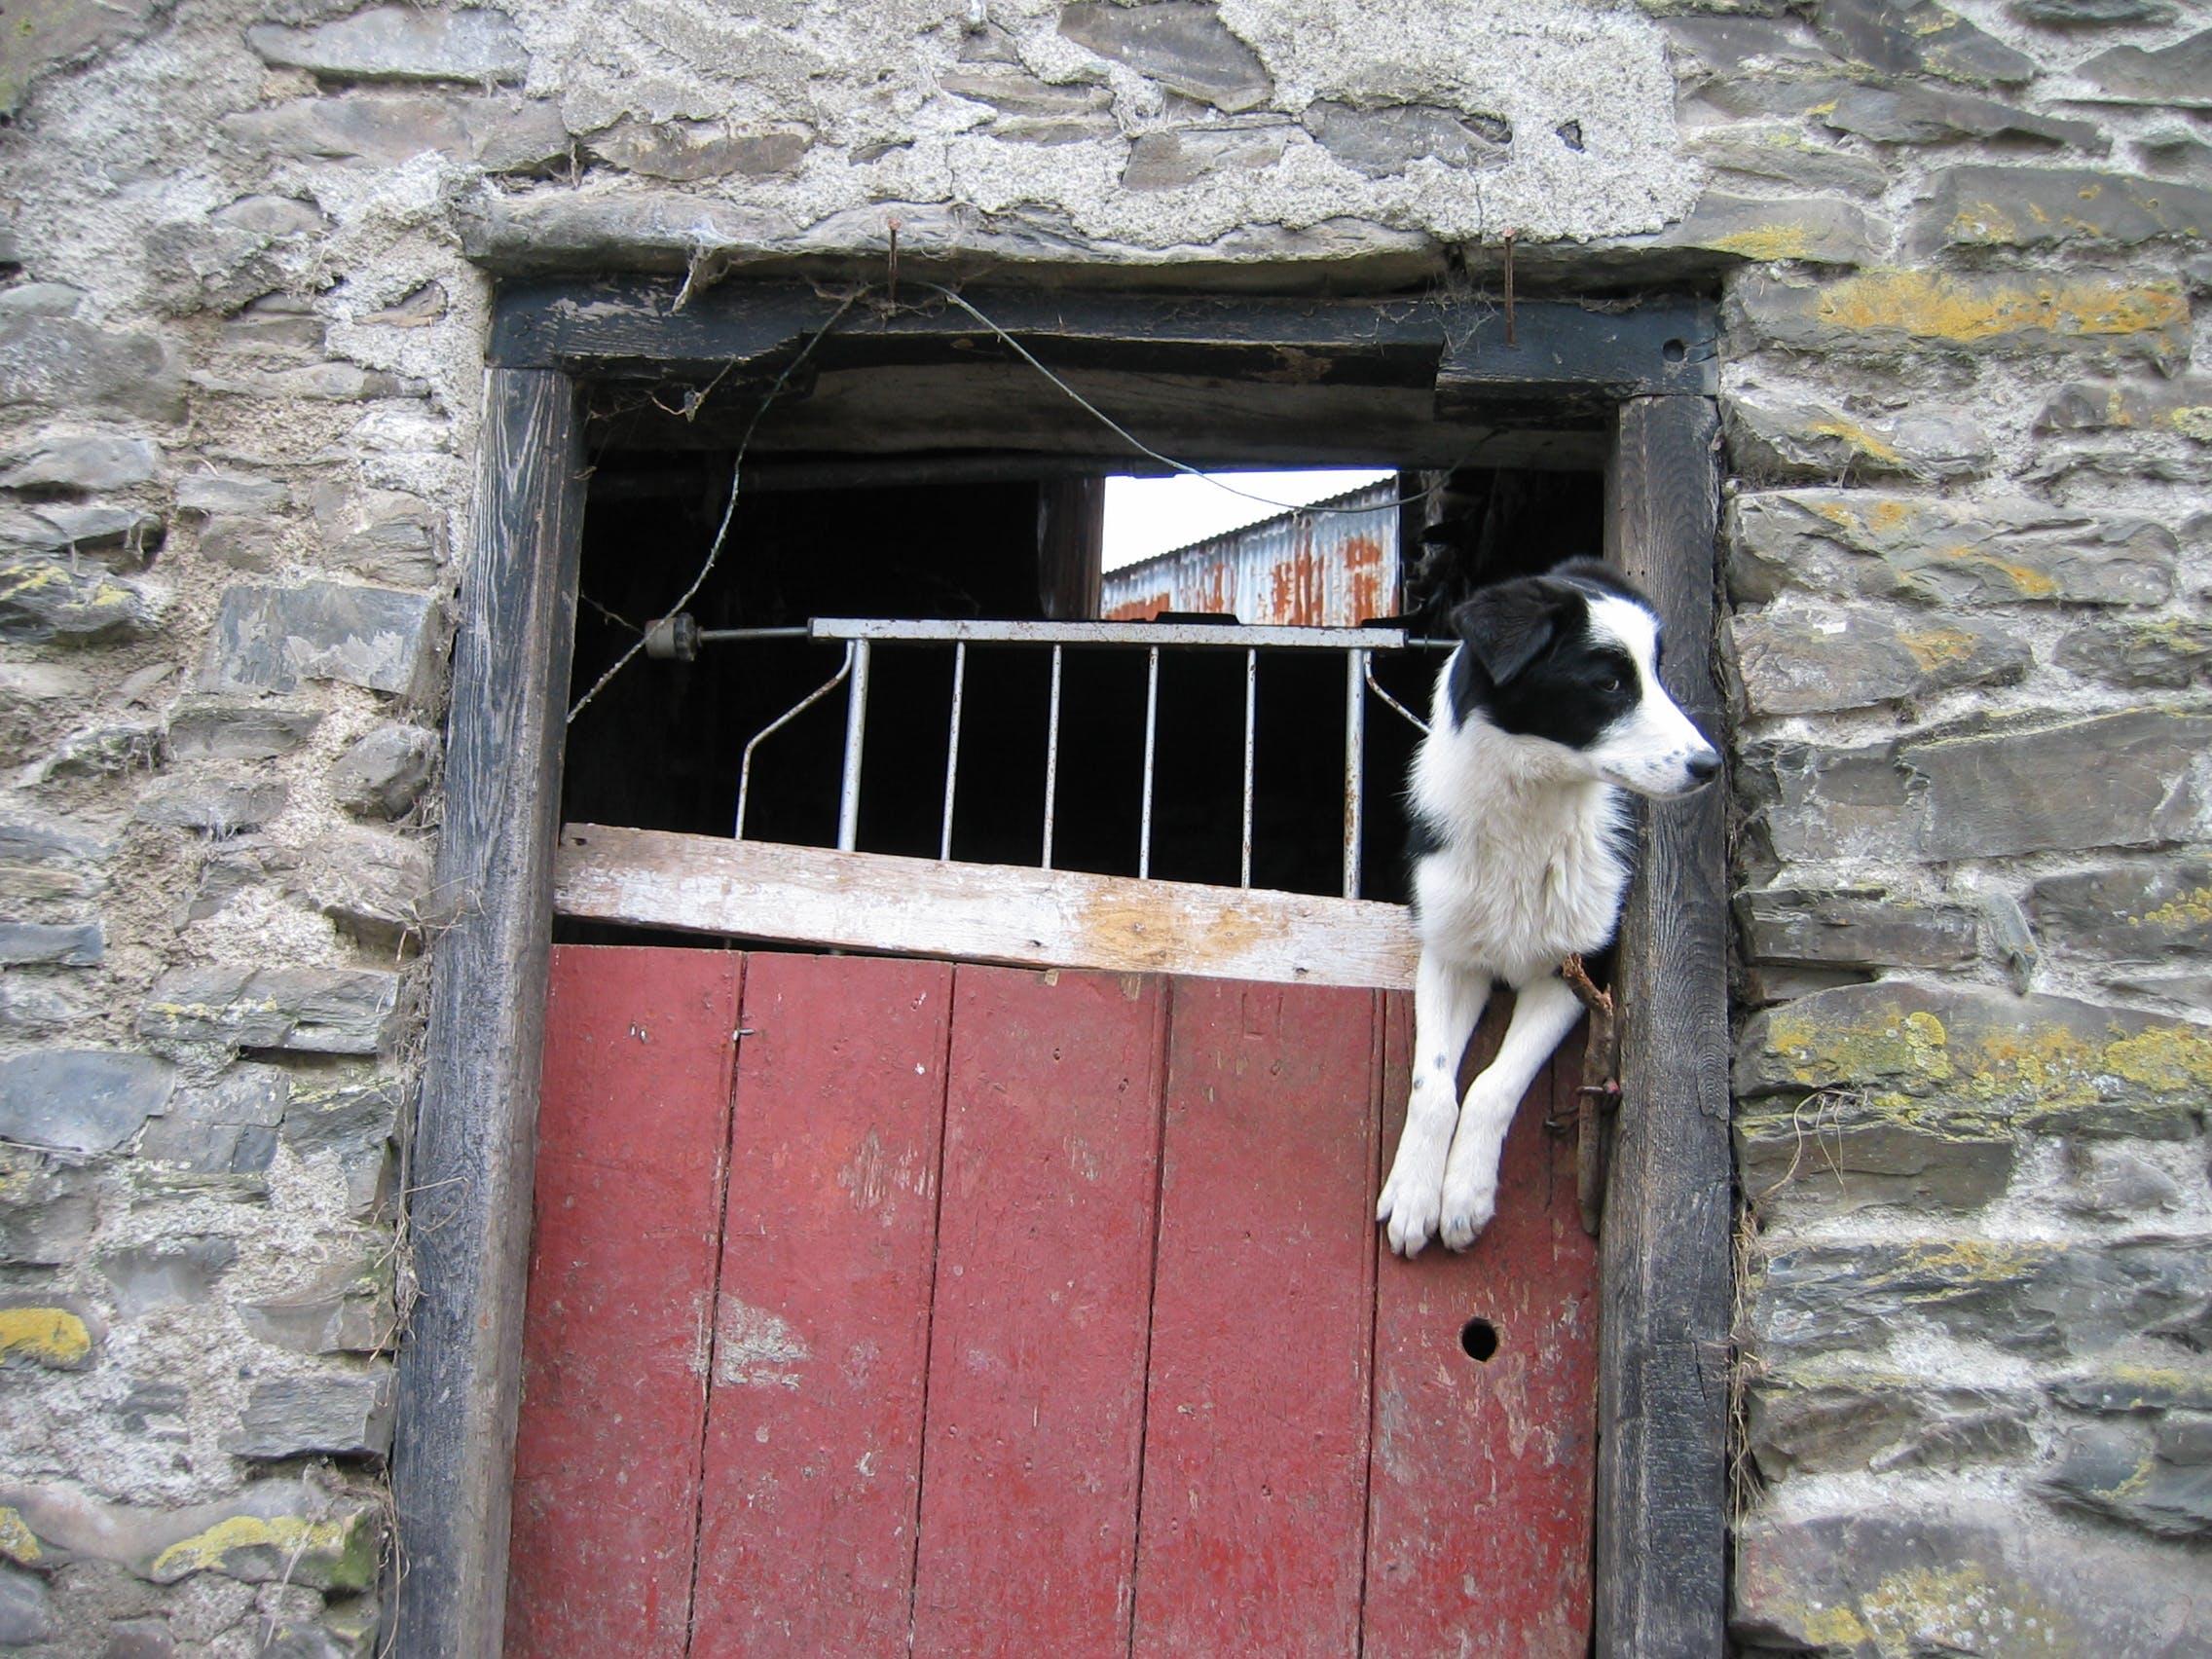 개, 농장, 출입구의 무료 스톡 사진